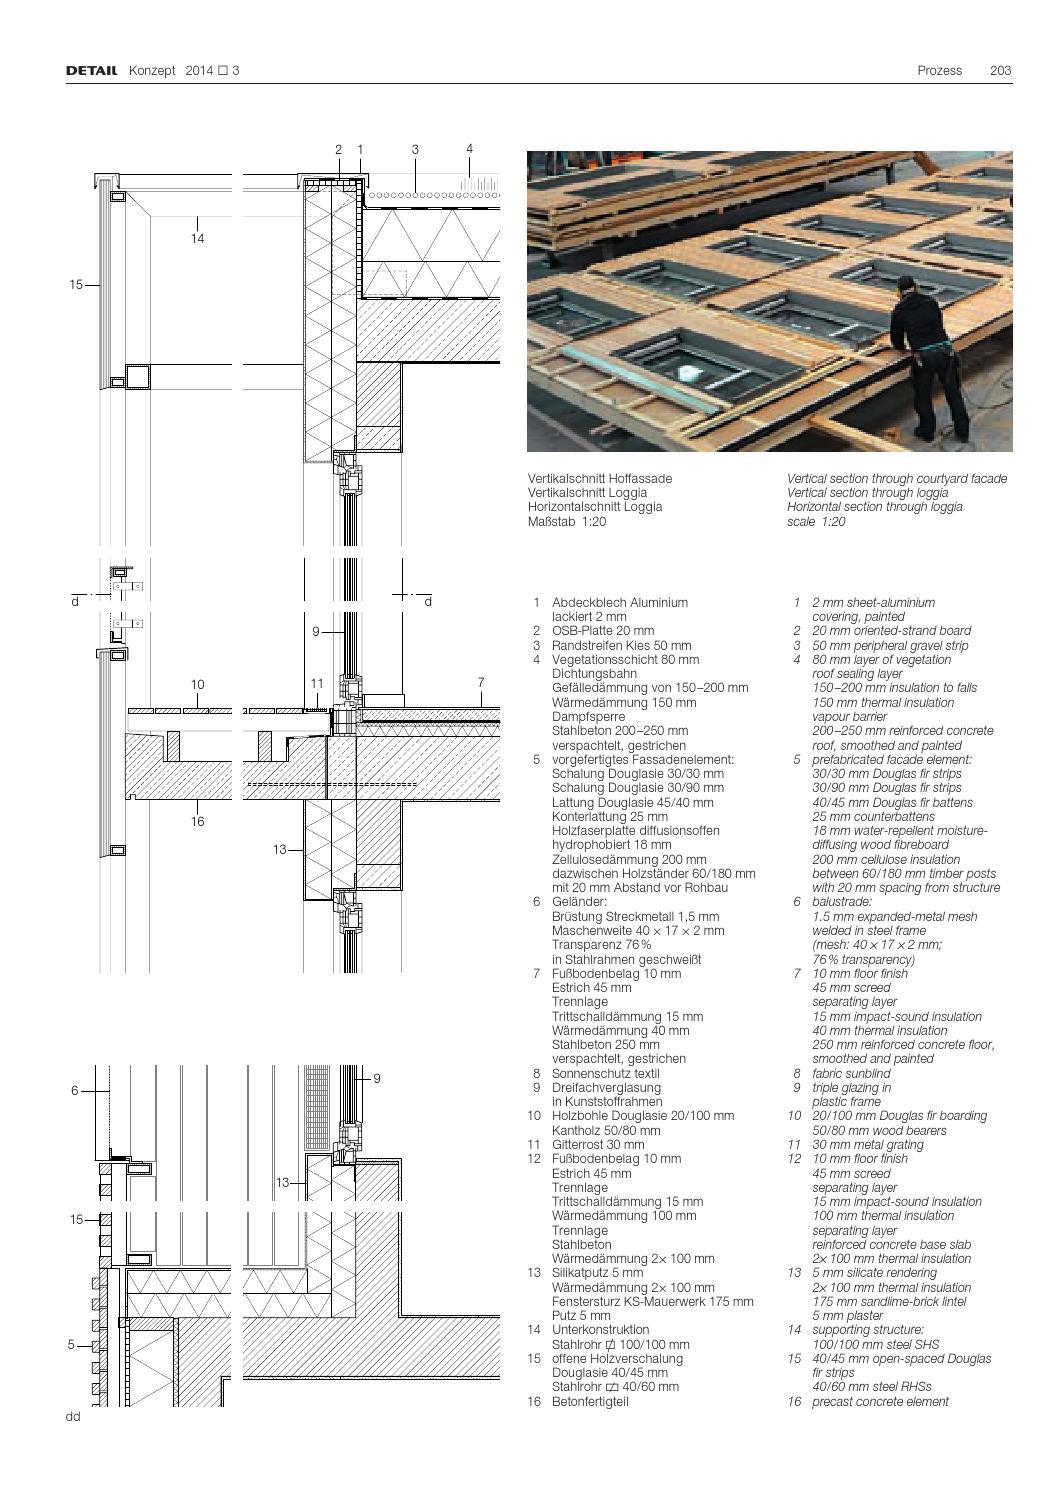 Erstaunlich DETAIL 03/2014 Konzept Verdichtet wohnen · Higher-Density Housing  QG78